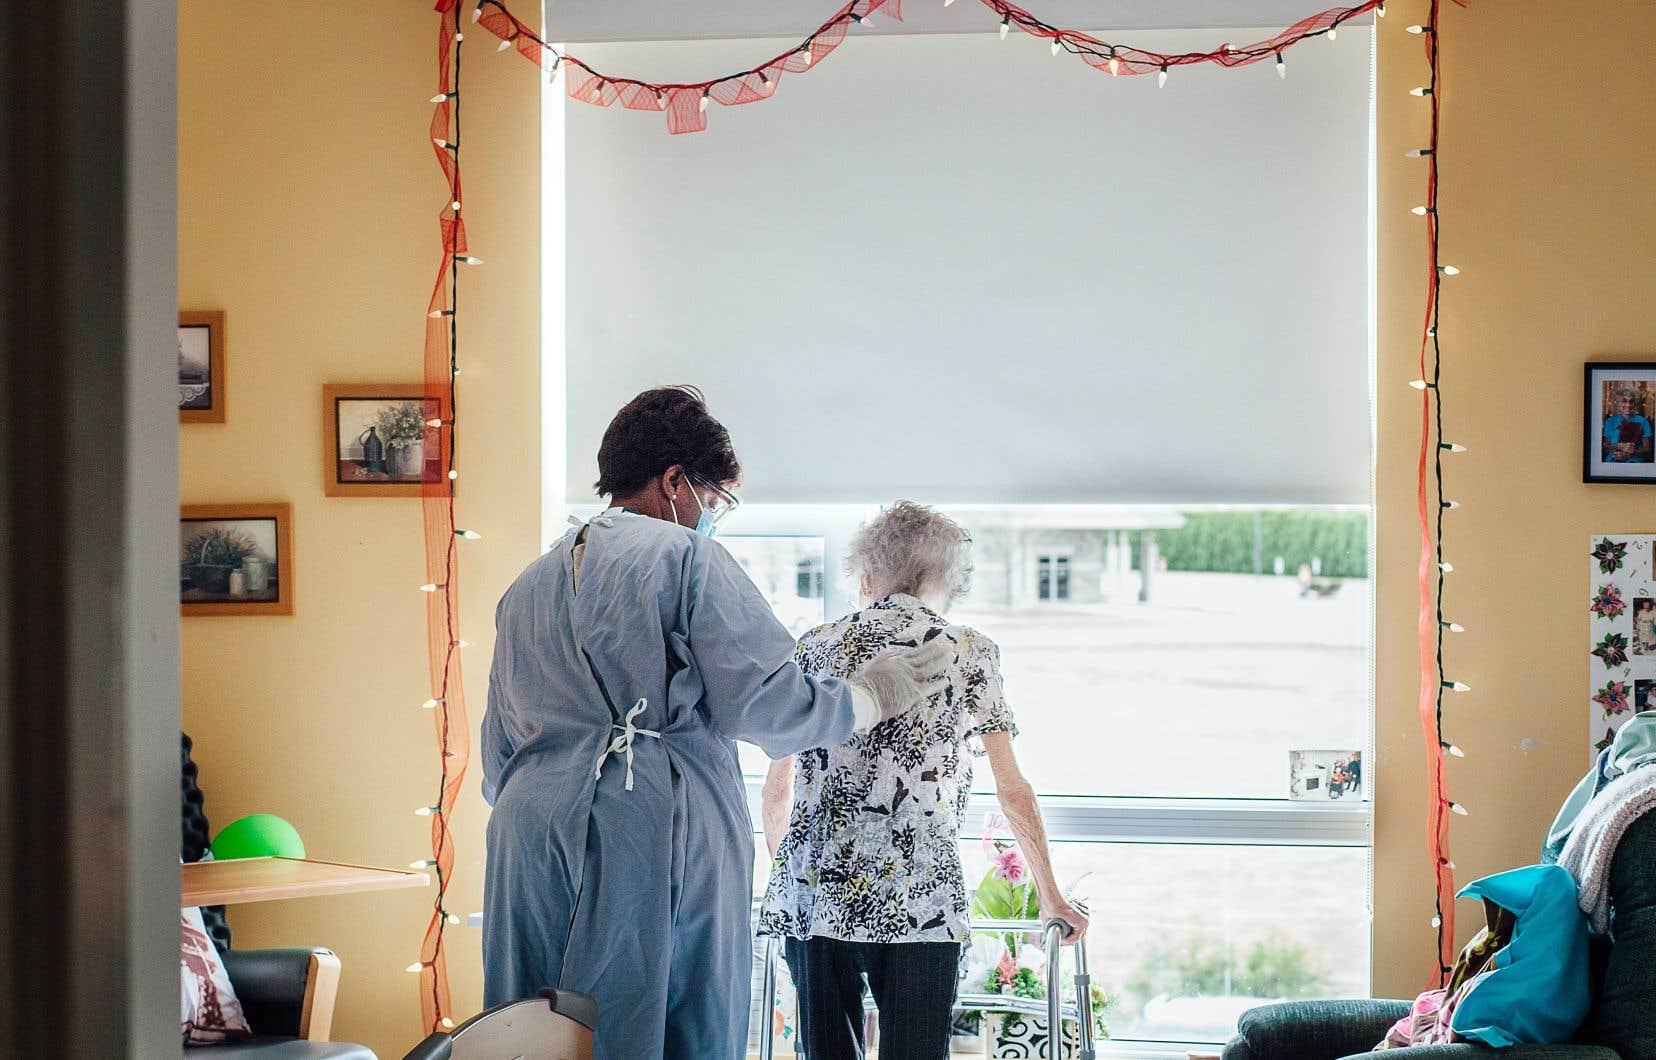 Les professionnels de la santé sont à bout de souffle, constate le médecin gériatre Quoc Dinh Nguyen, quelques jours à peine après l'arrivée de la seconde vague de coronavirus au Québec.